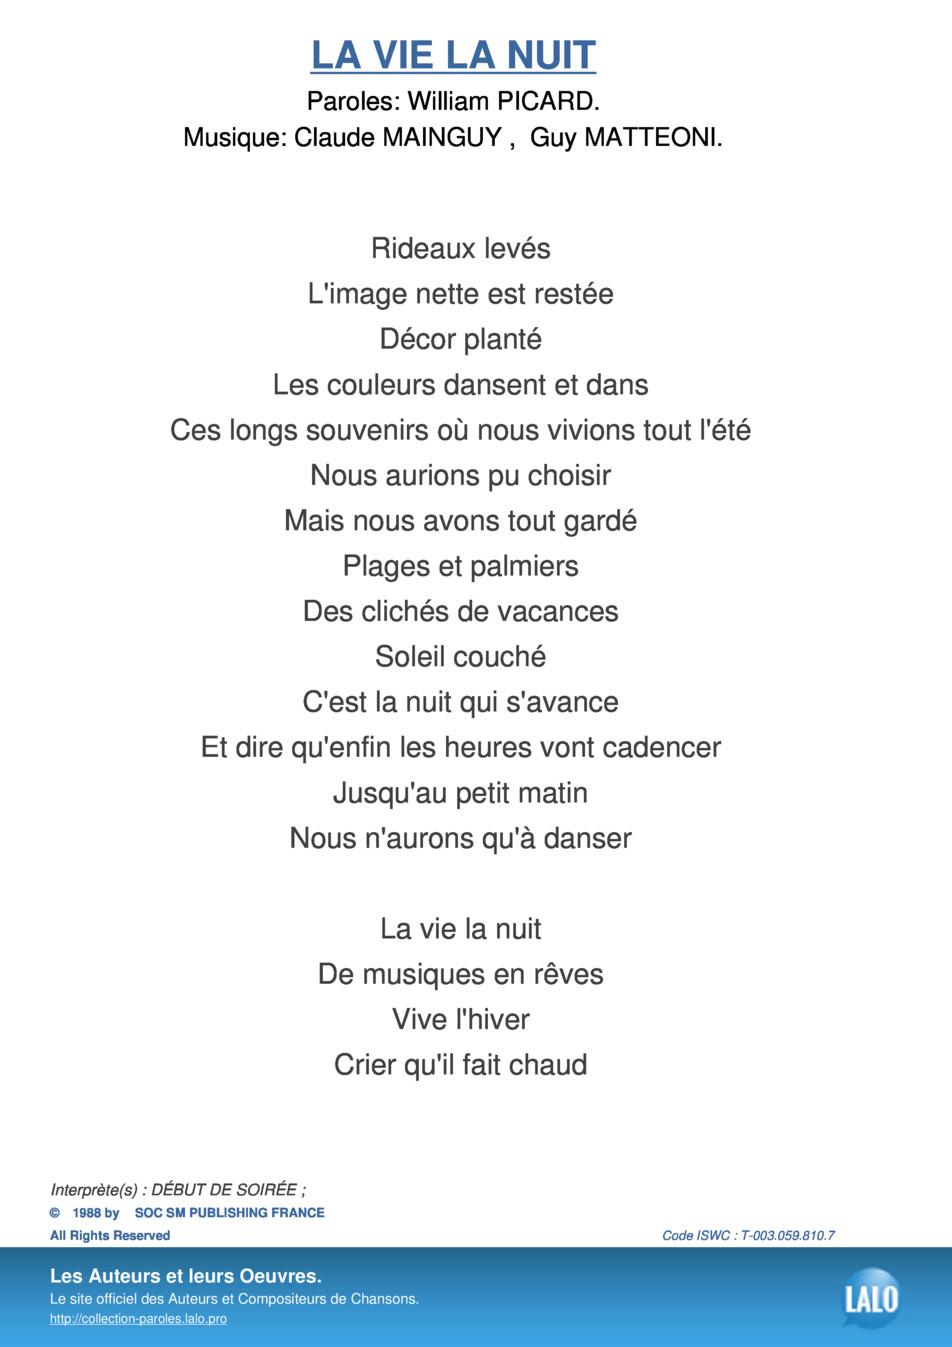 Paroles Et Musique De La Vie La Nuit Début De Soirée - Lalo.pro concernant Dans La Nuit De L Hiver Chanson